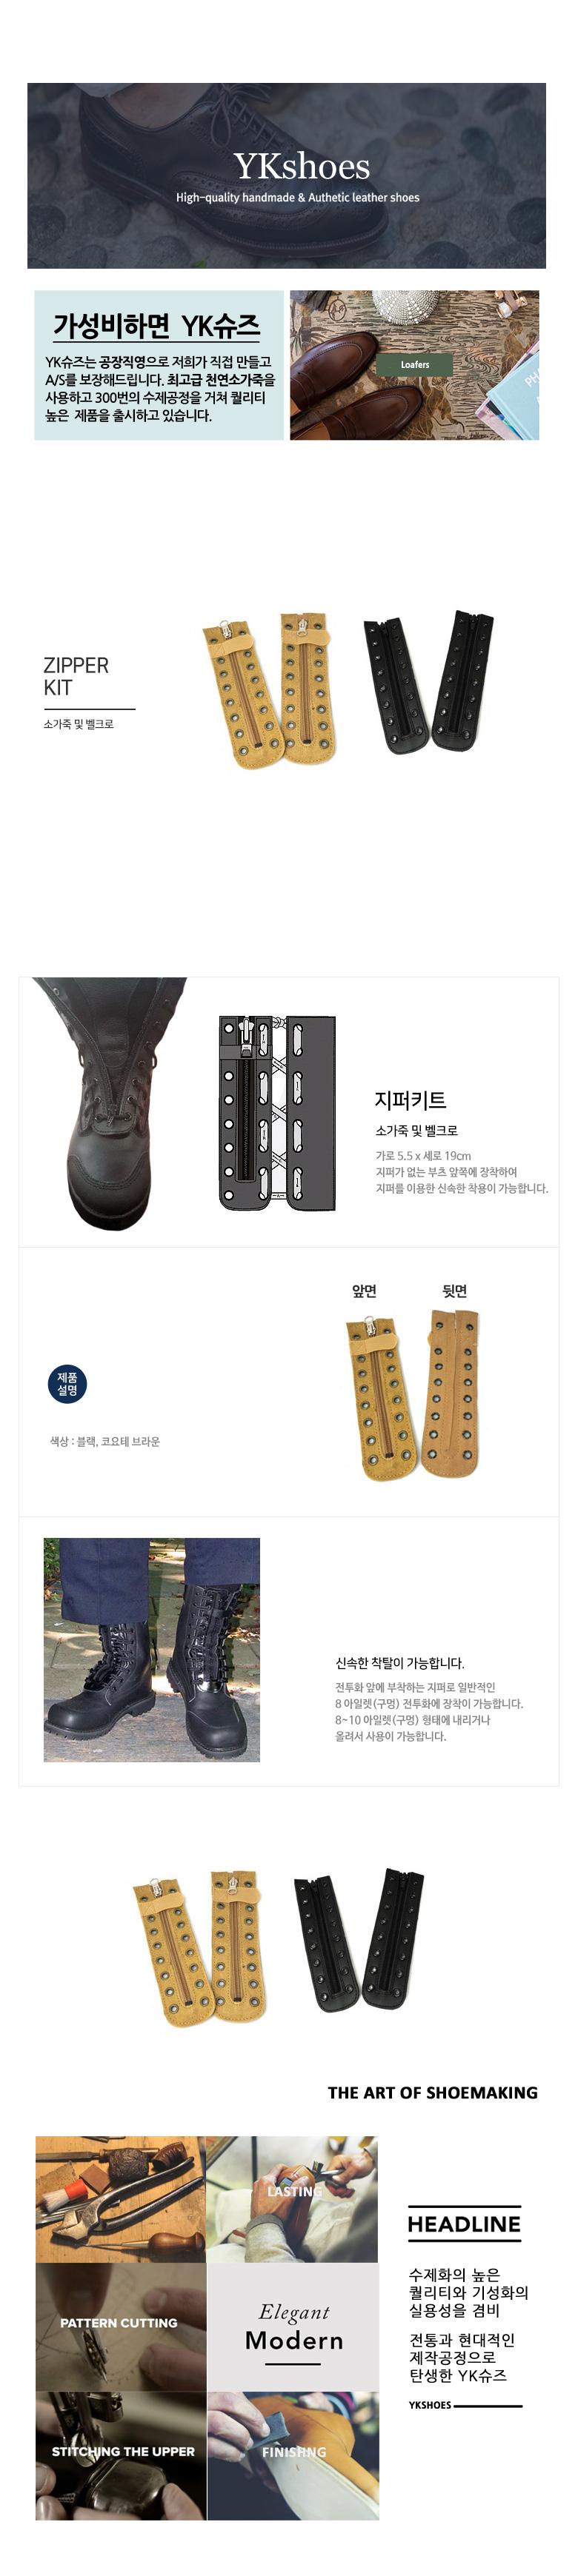 군용 전투화 지퍼키트 - 쿠닌, 25,600원, 신발소품, 기타소품